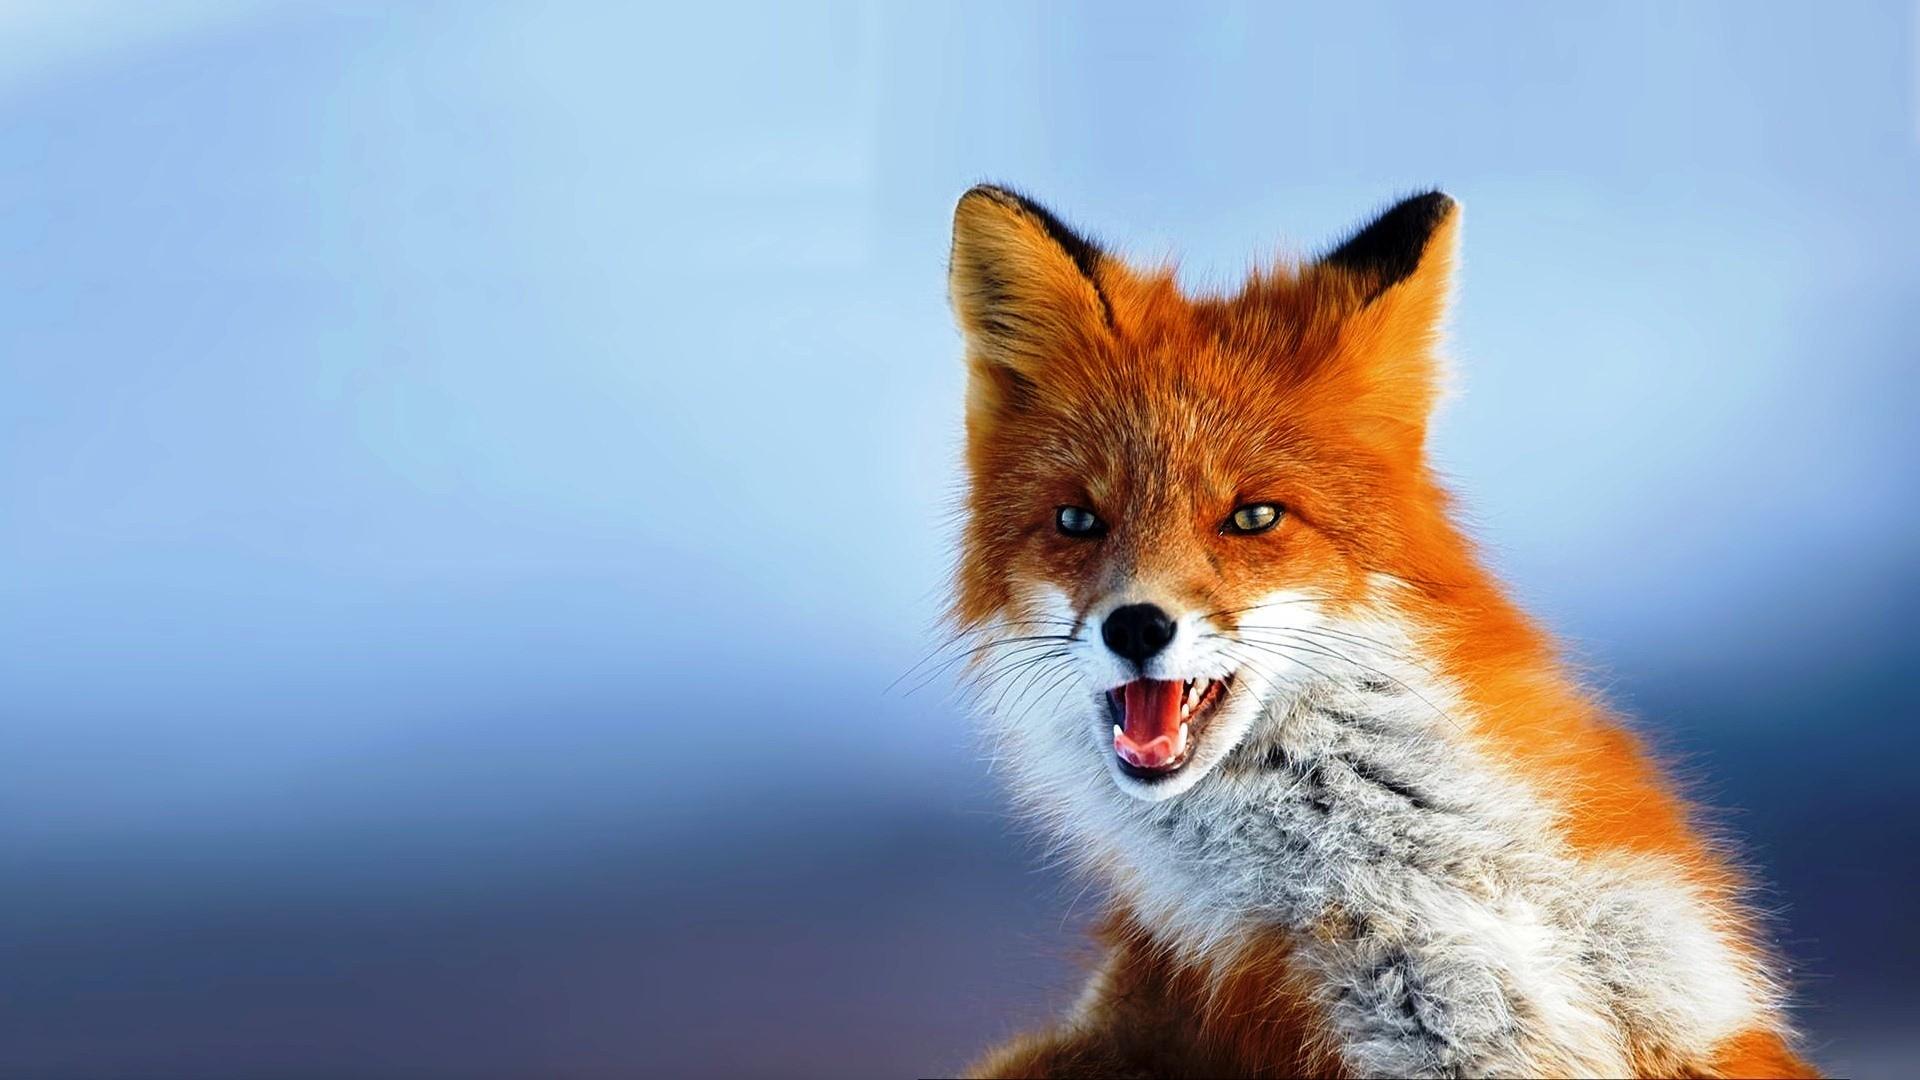 Fox Wallpaper #7 – Resolution:1600*1200